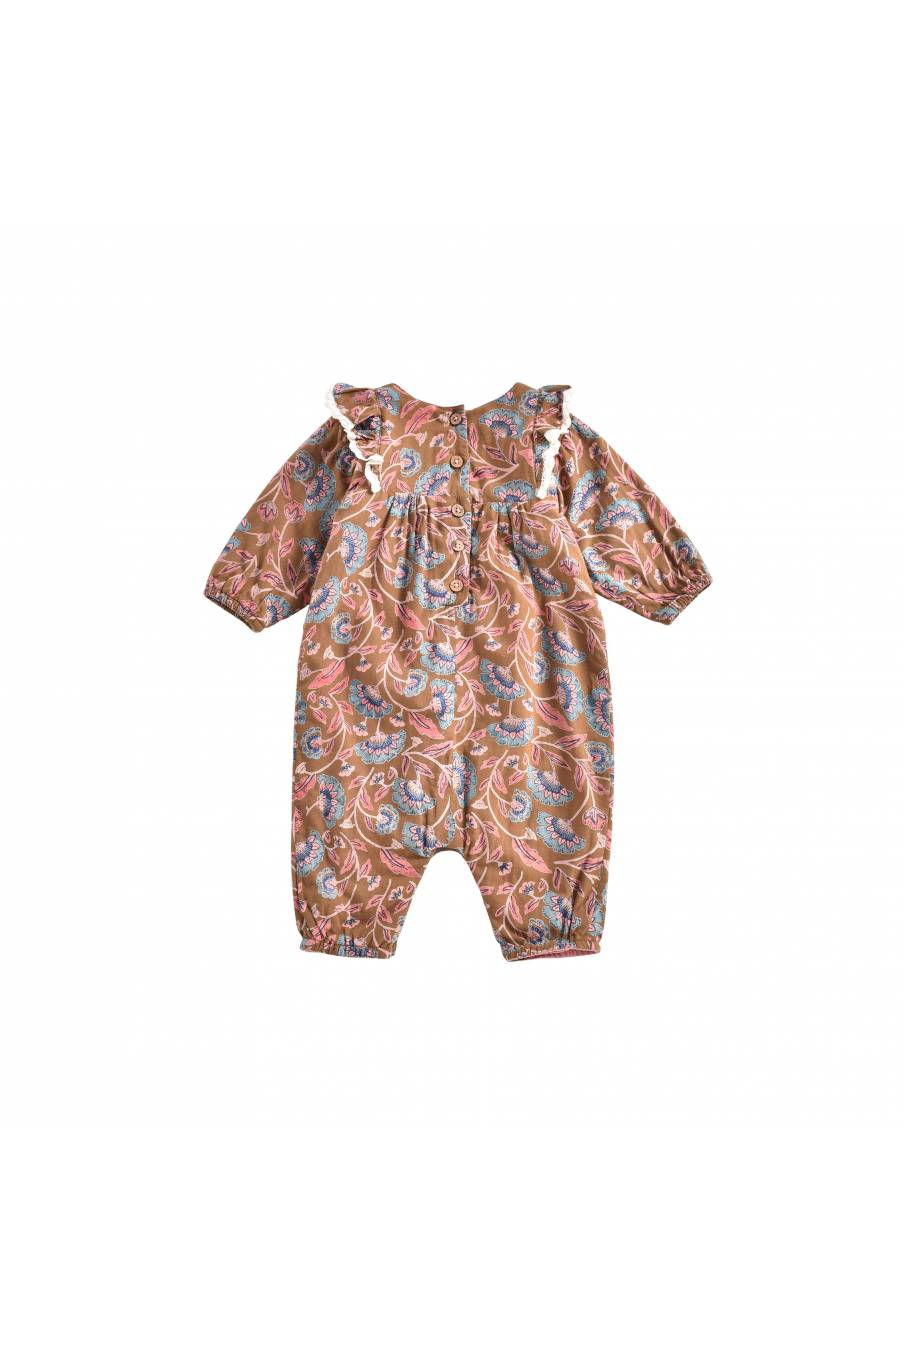 boheme chic vintage combinaison bébé fille adelie bronze folk flowers